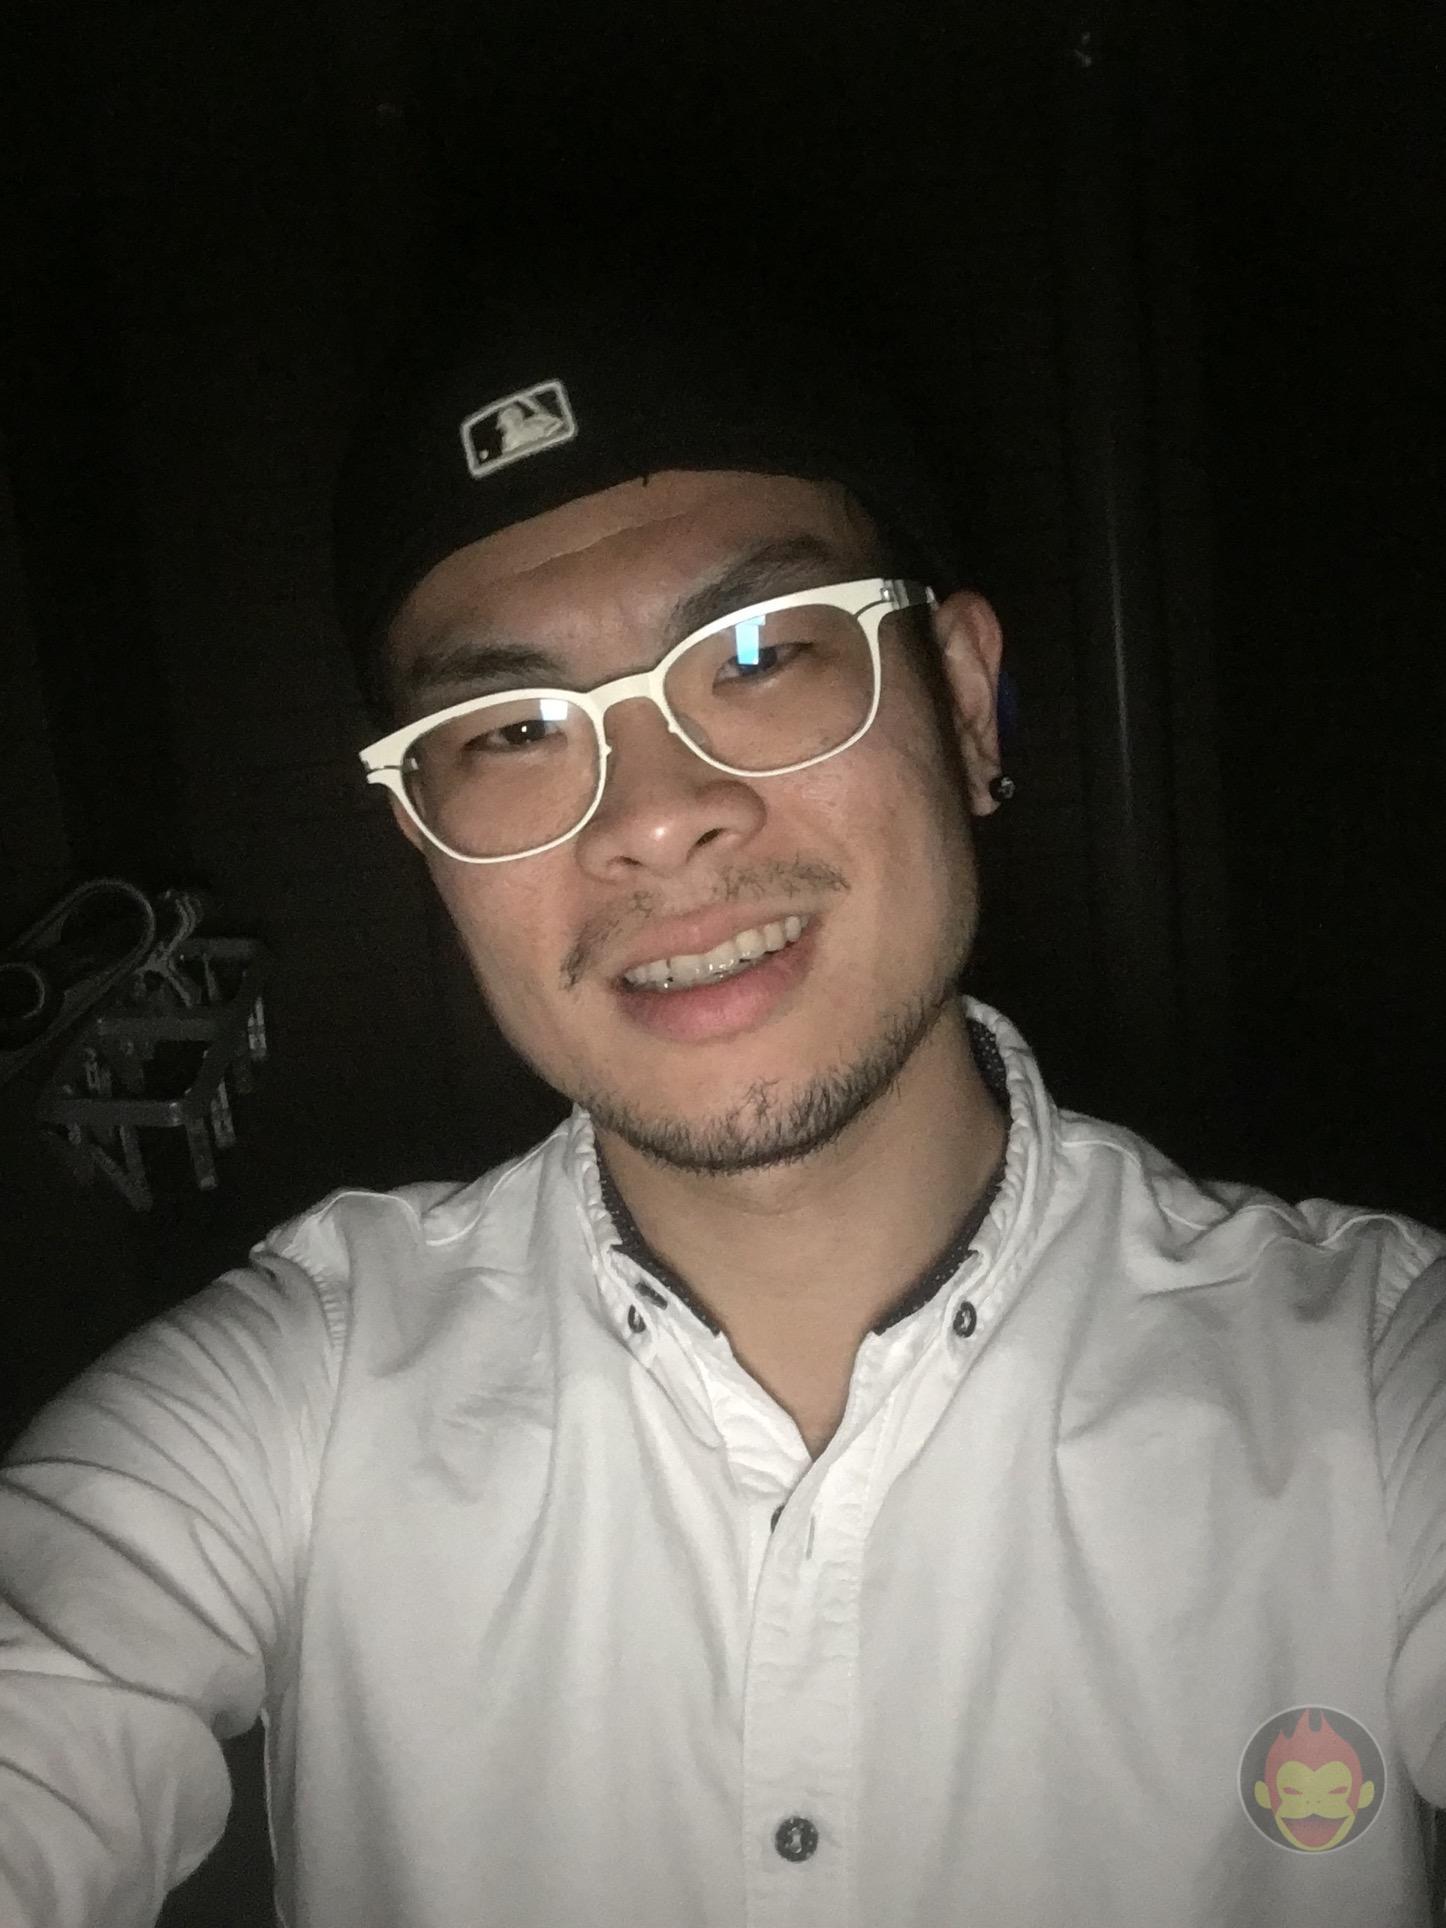 iPhone-SE-Comparing-selfies-inthedark-02.jpg